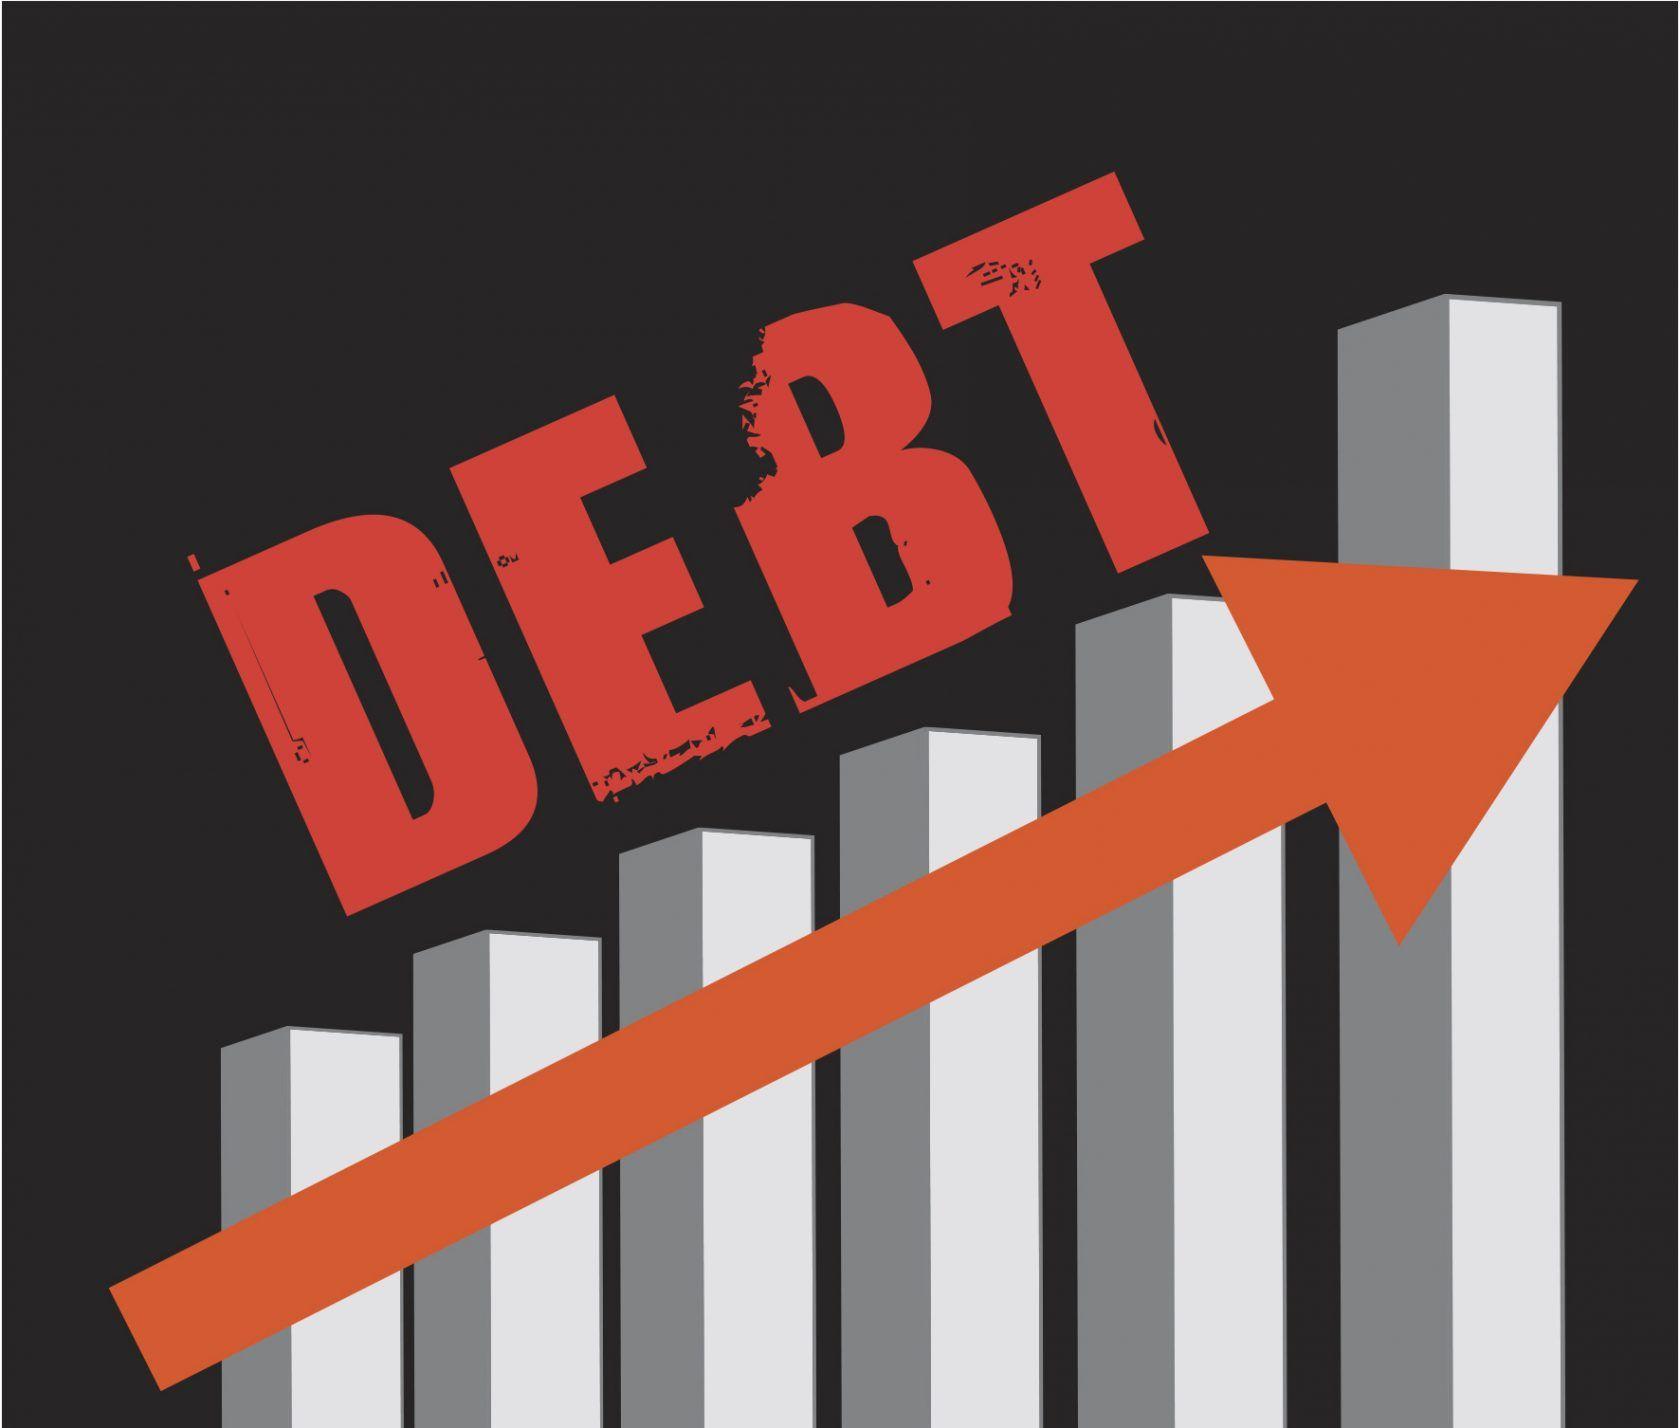 Il nostro caro Debito Globale